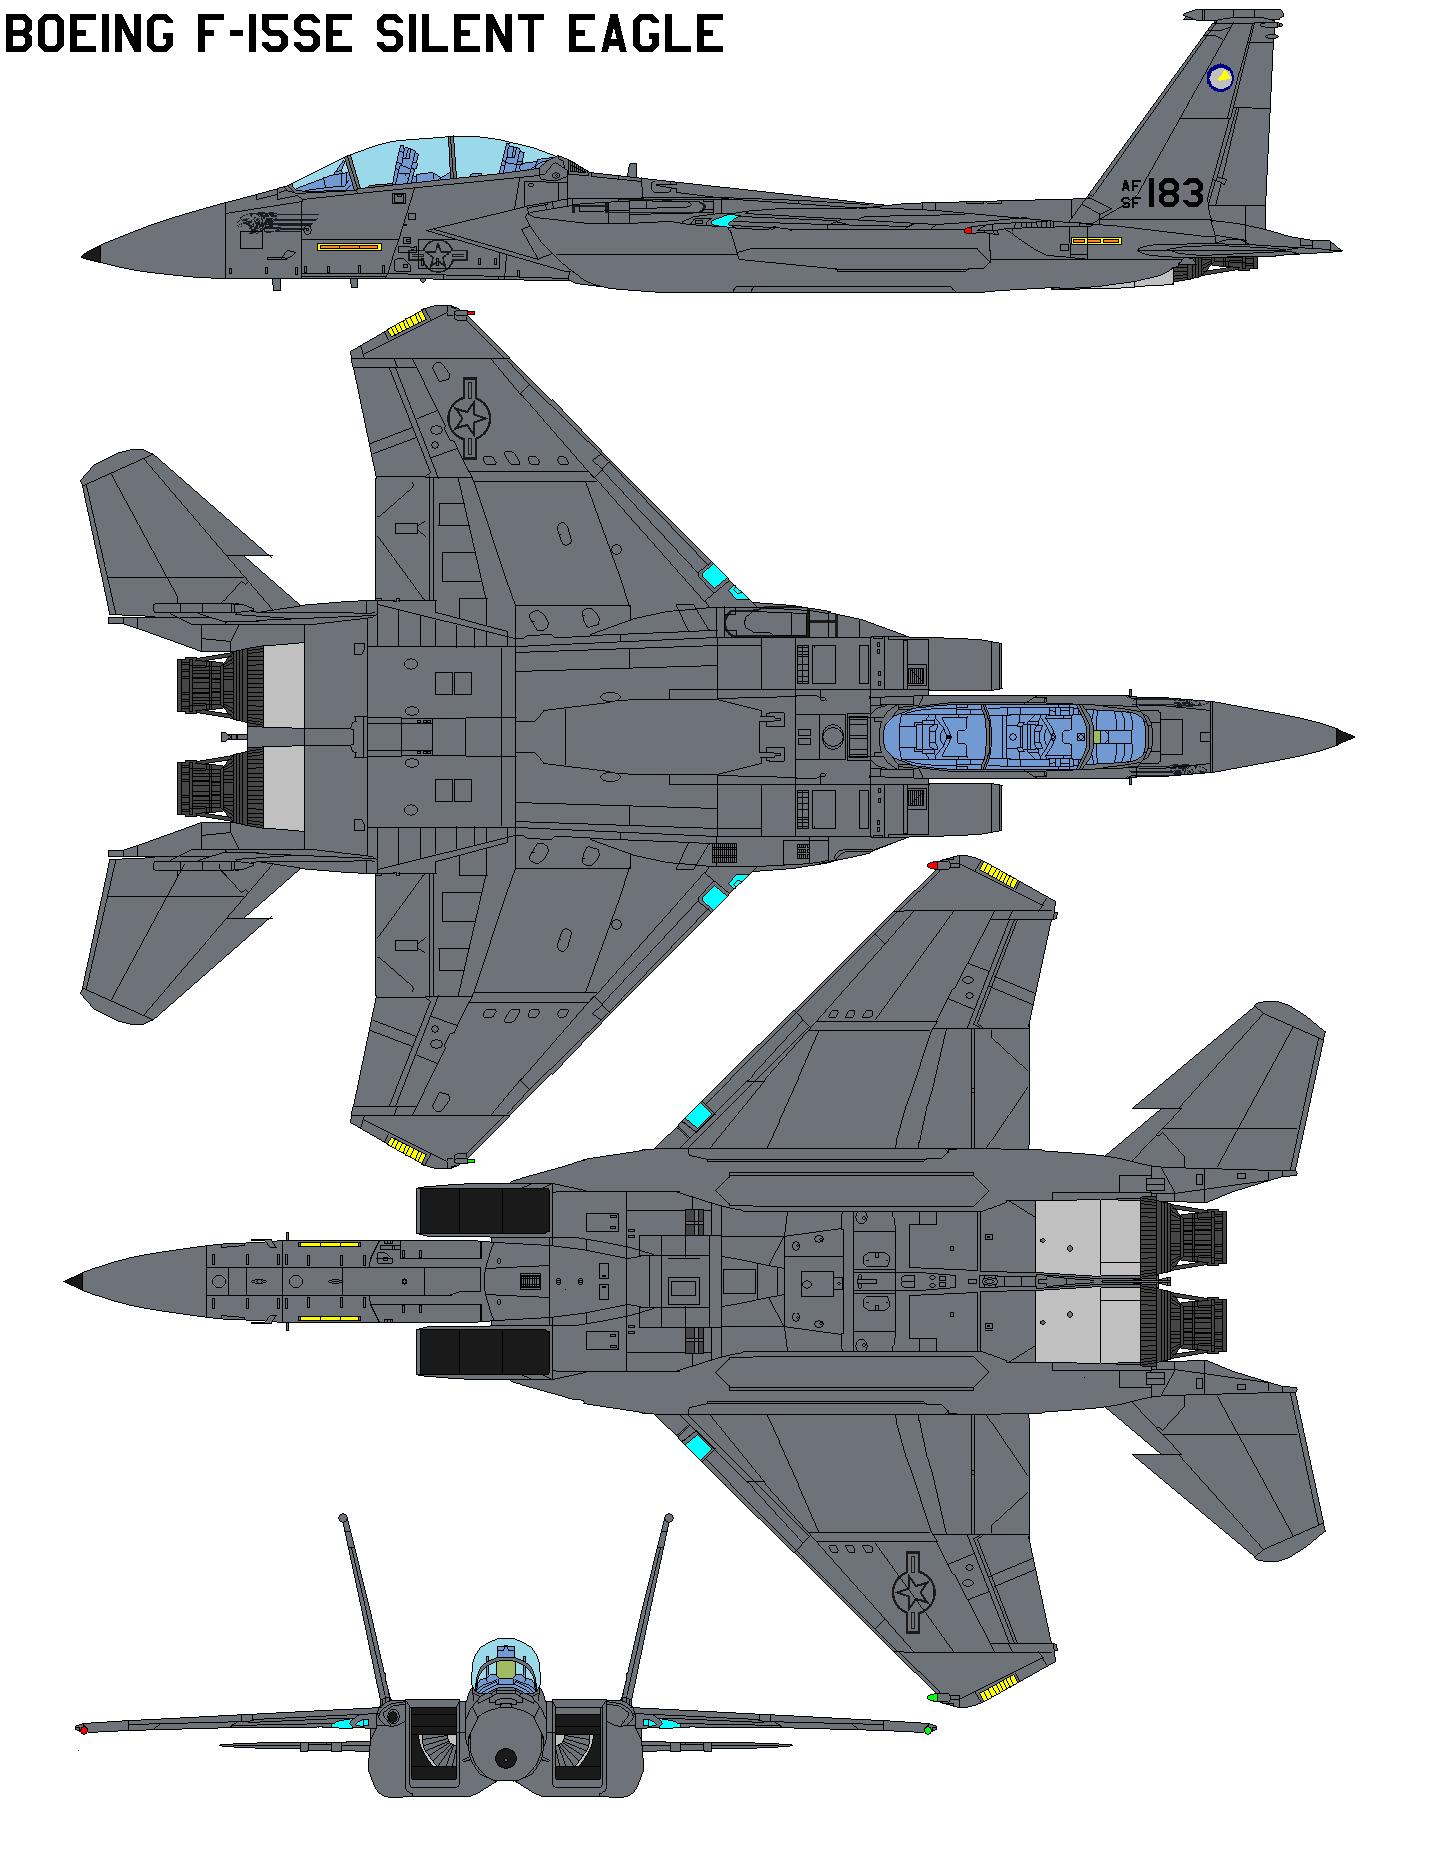 Boeing F-15SE Silent Eagle by bagera3005.deviantart.com on @DeviantArt